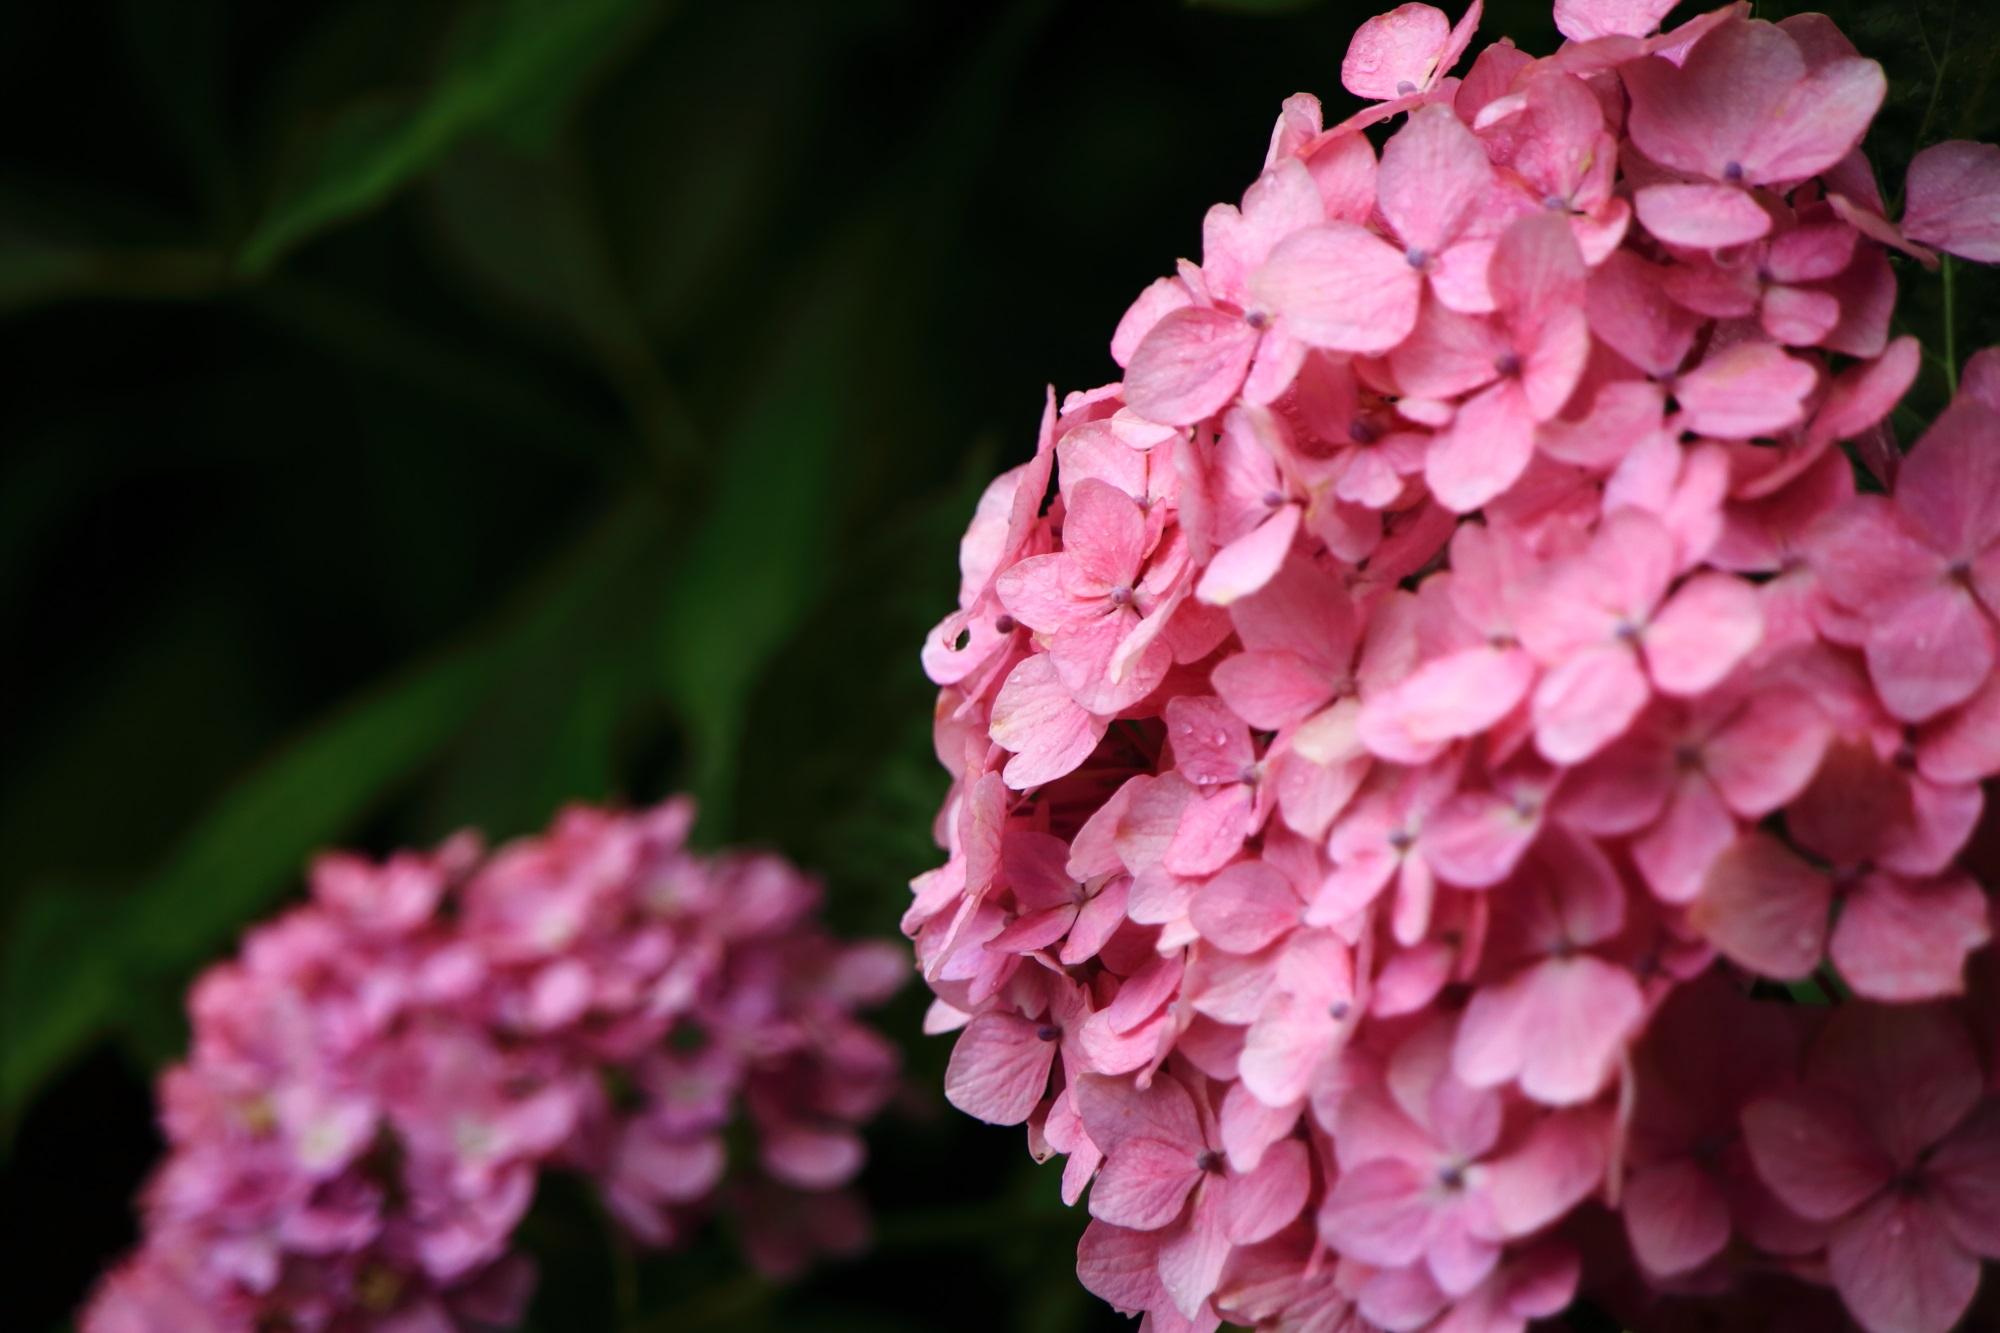 善峯寺の明るく可愛いピンクの紫陽花